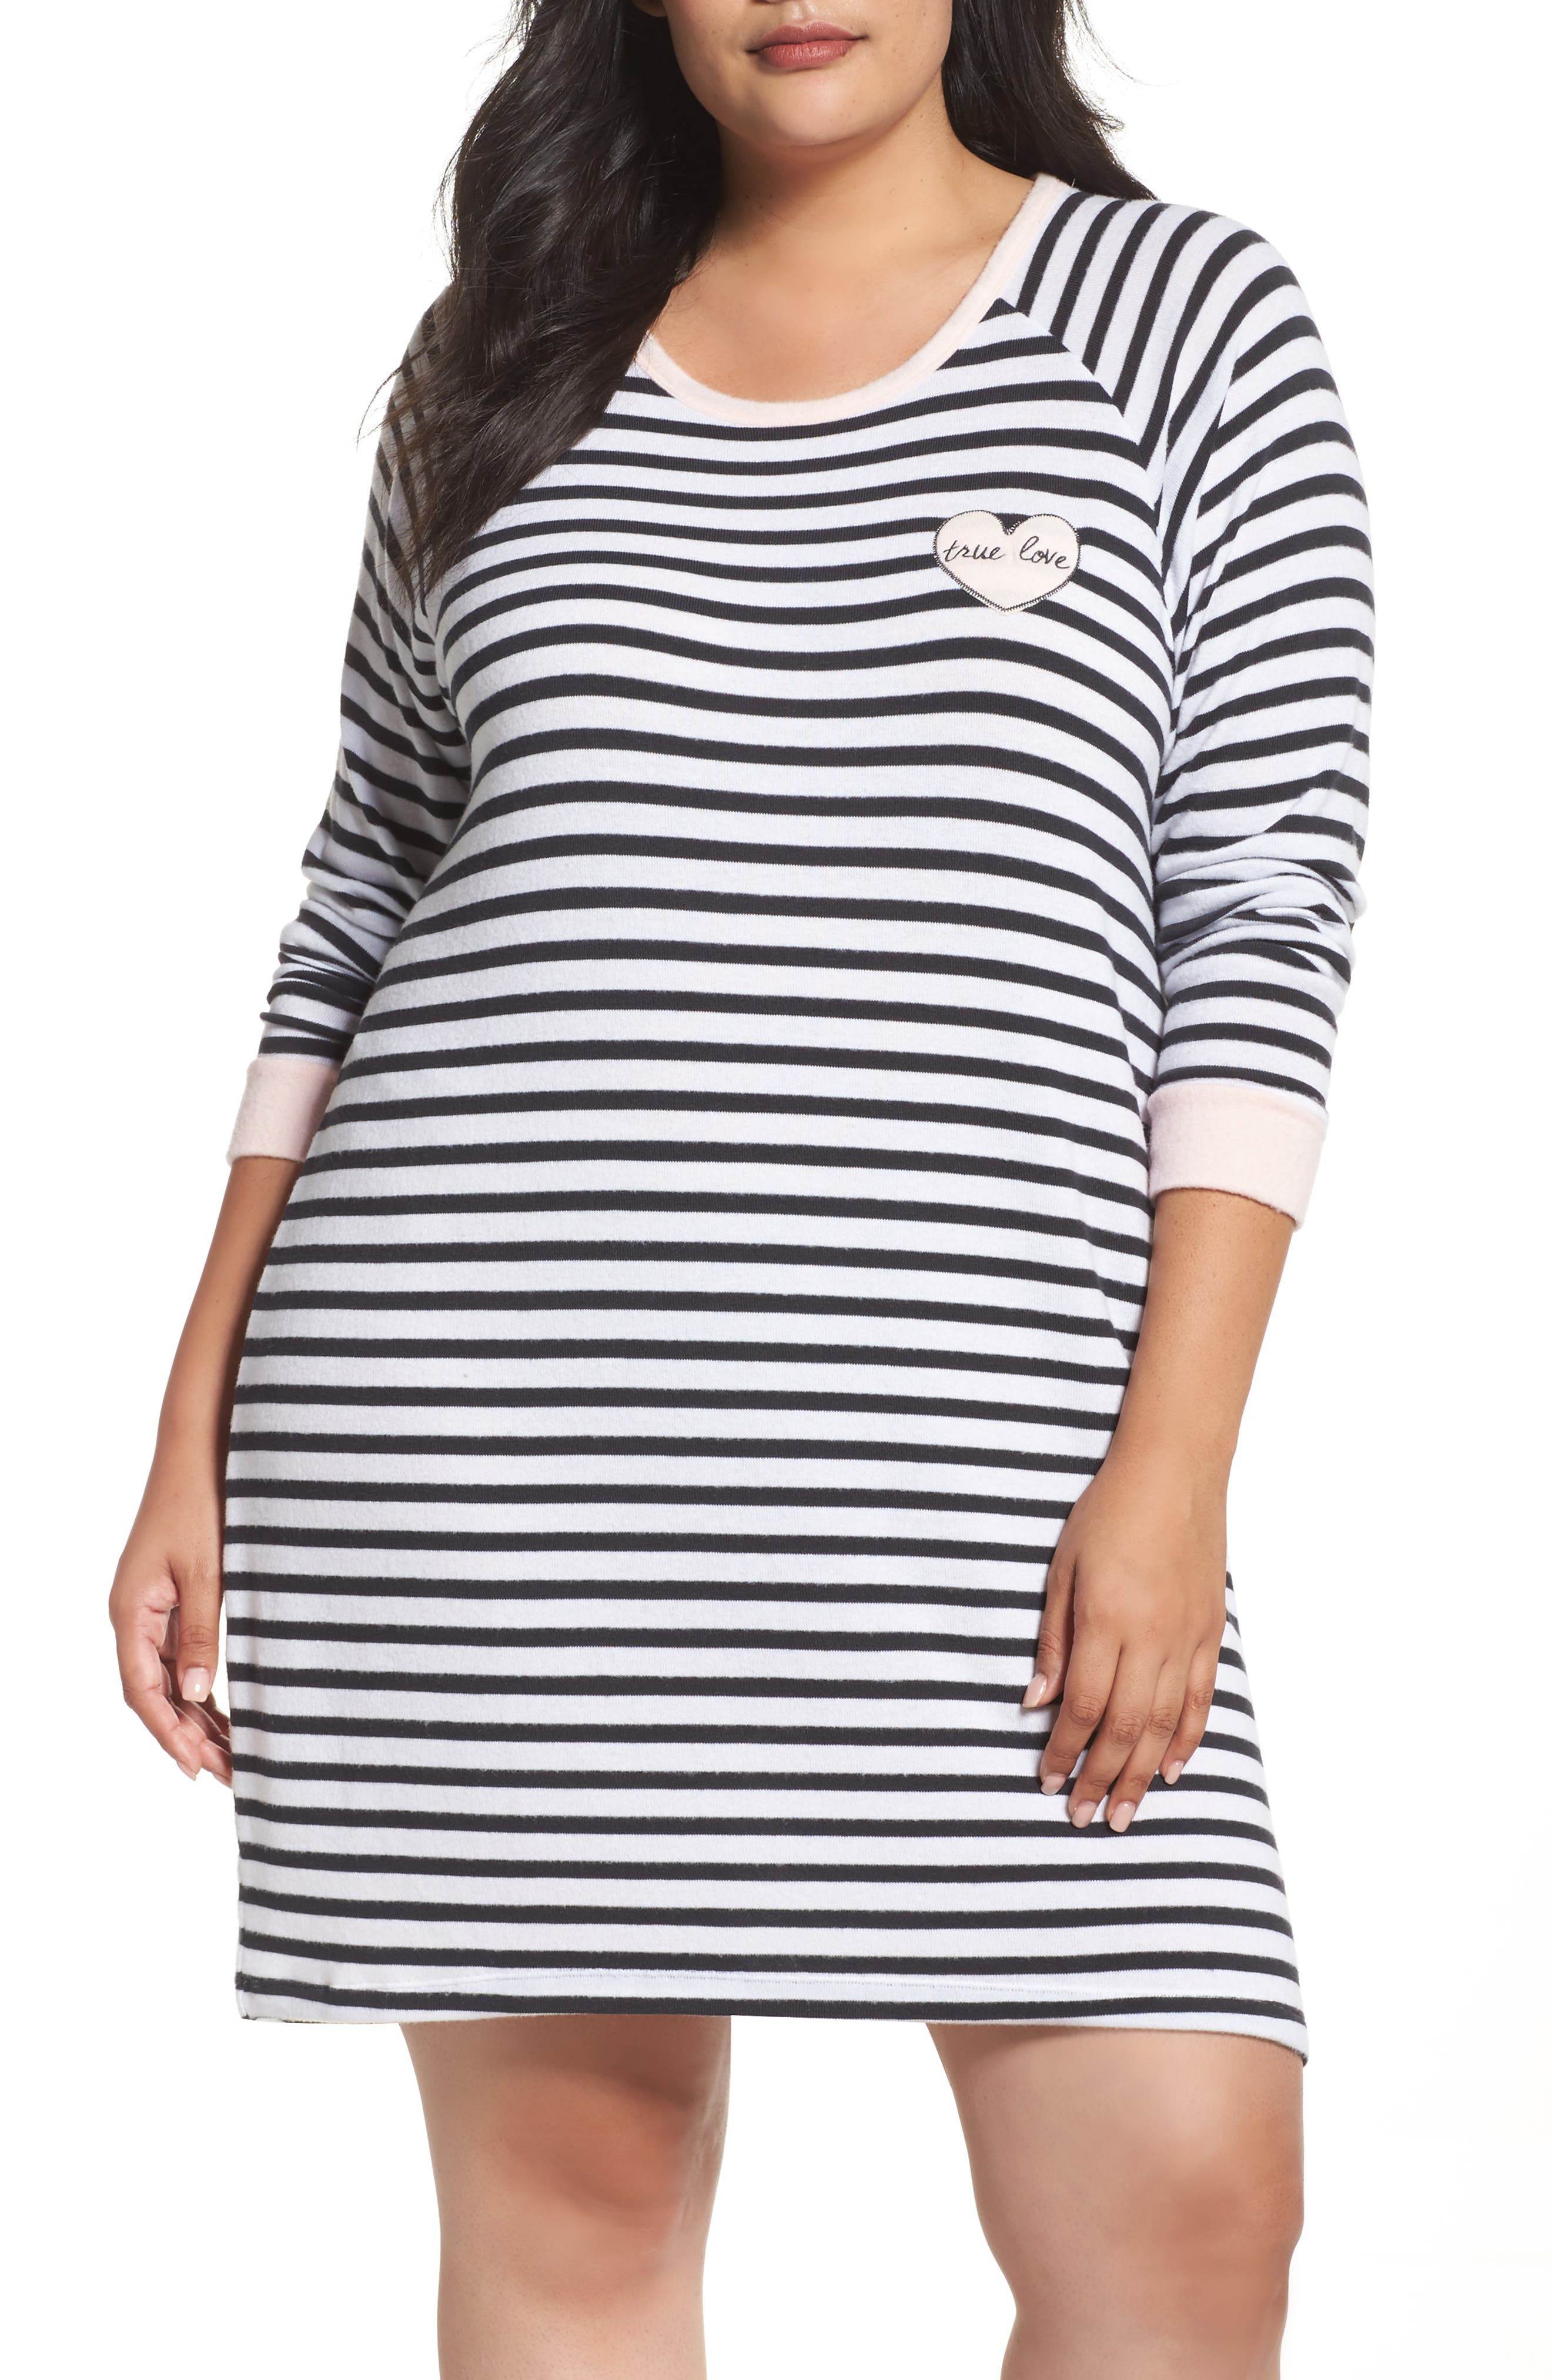 PJ Salvage Stripe Peachy Jersey Nightshirt